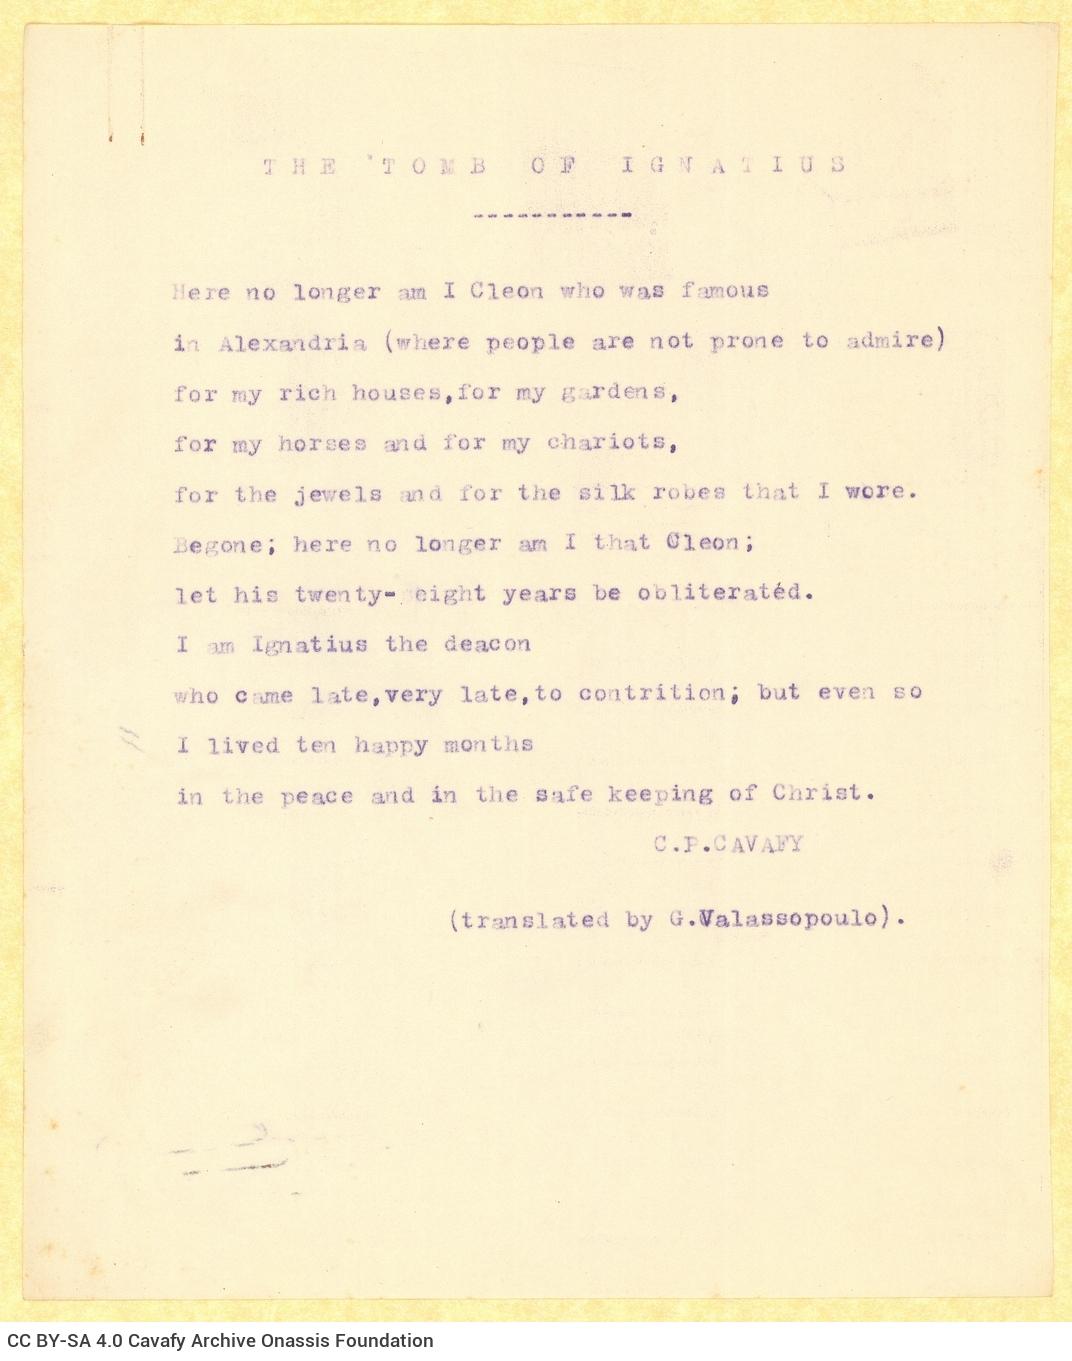 Δύο δακτυλόγραφα αντίγραφα με την αγγλική μετάφραση του ποιήματος